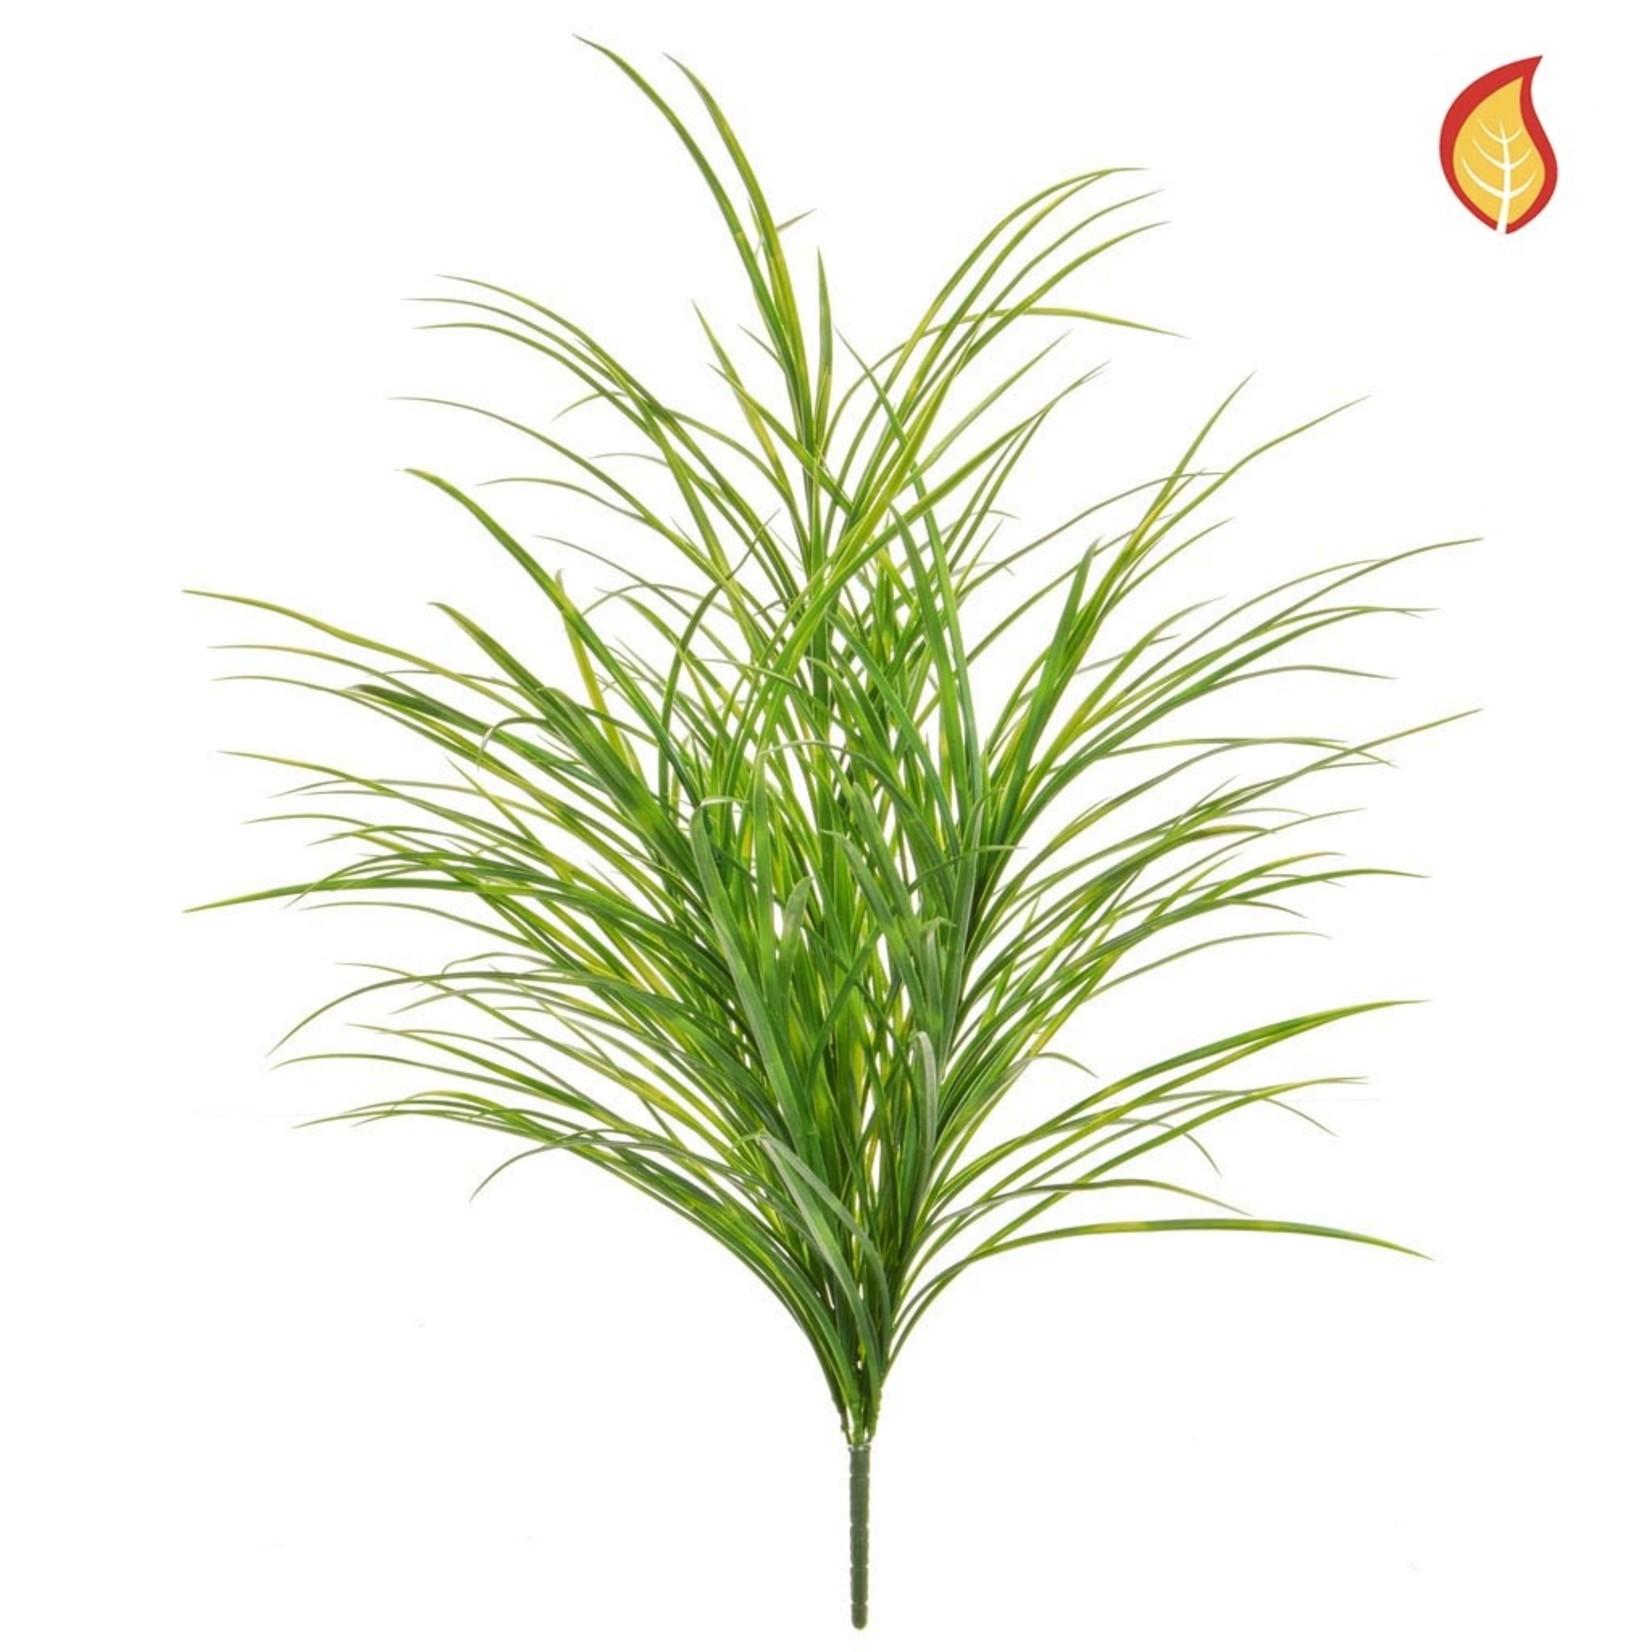 Grass Sword Green YF 80cm - Fire Rated